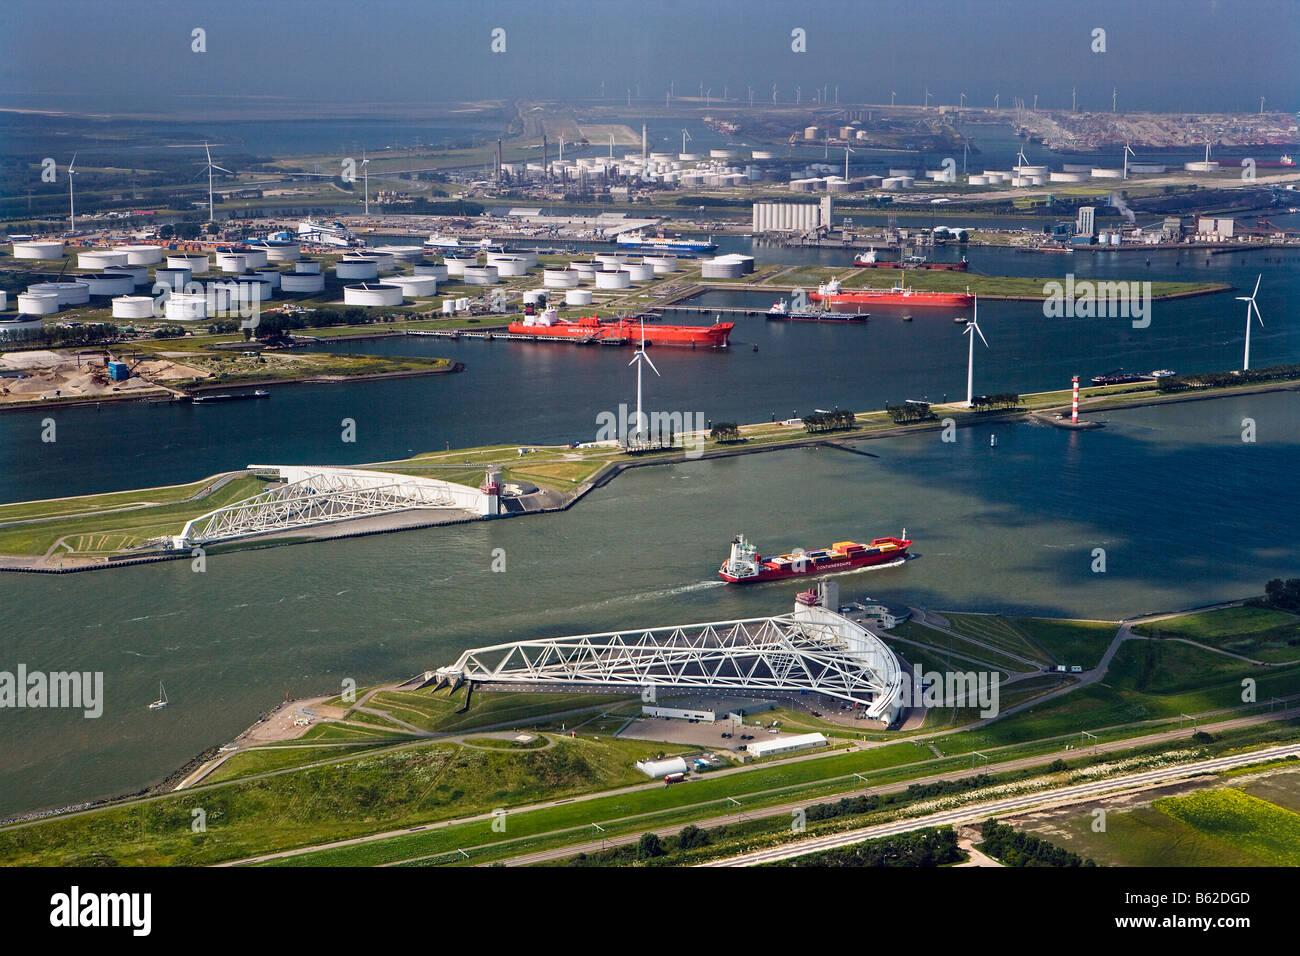 Netherlands, Rotterdam, Closed Storm Surge Barrier called Maeslant Barrier or Maeslantkering. Part of the Delta - Stock Image